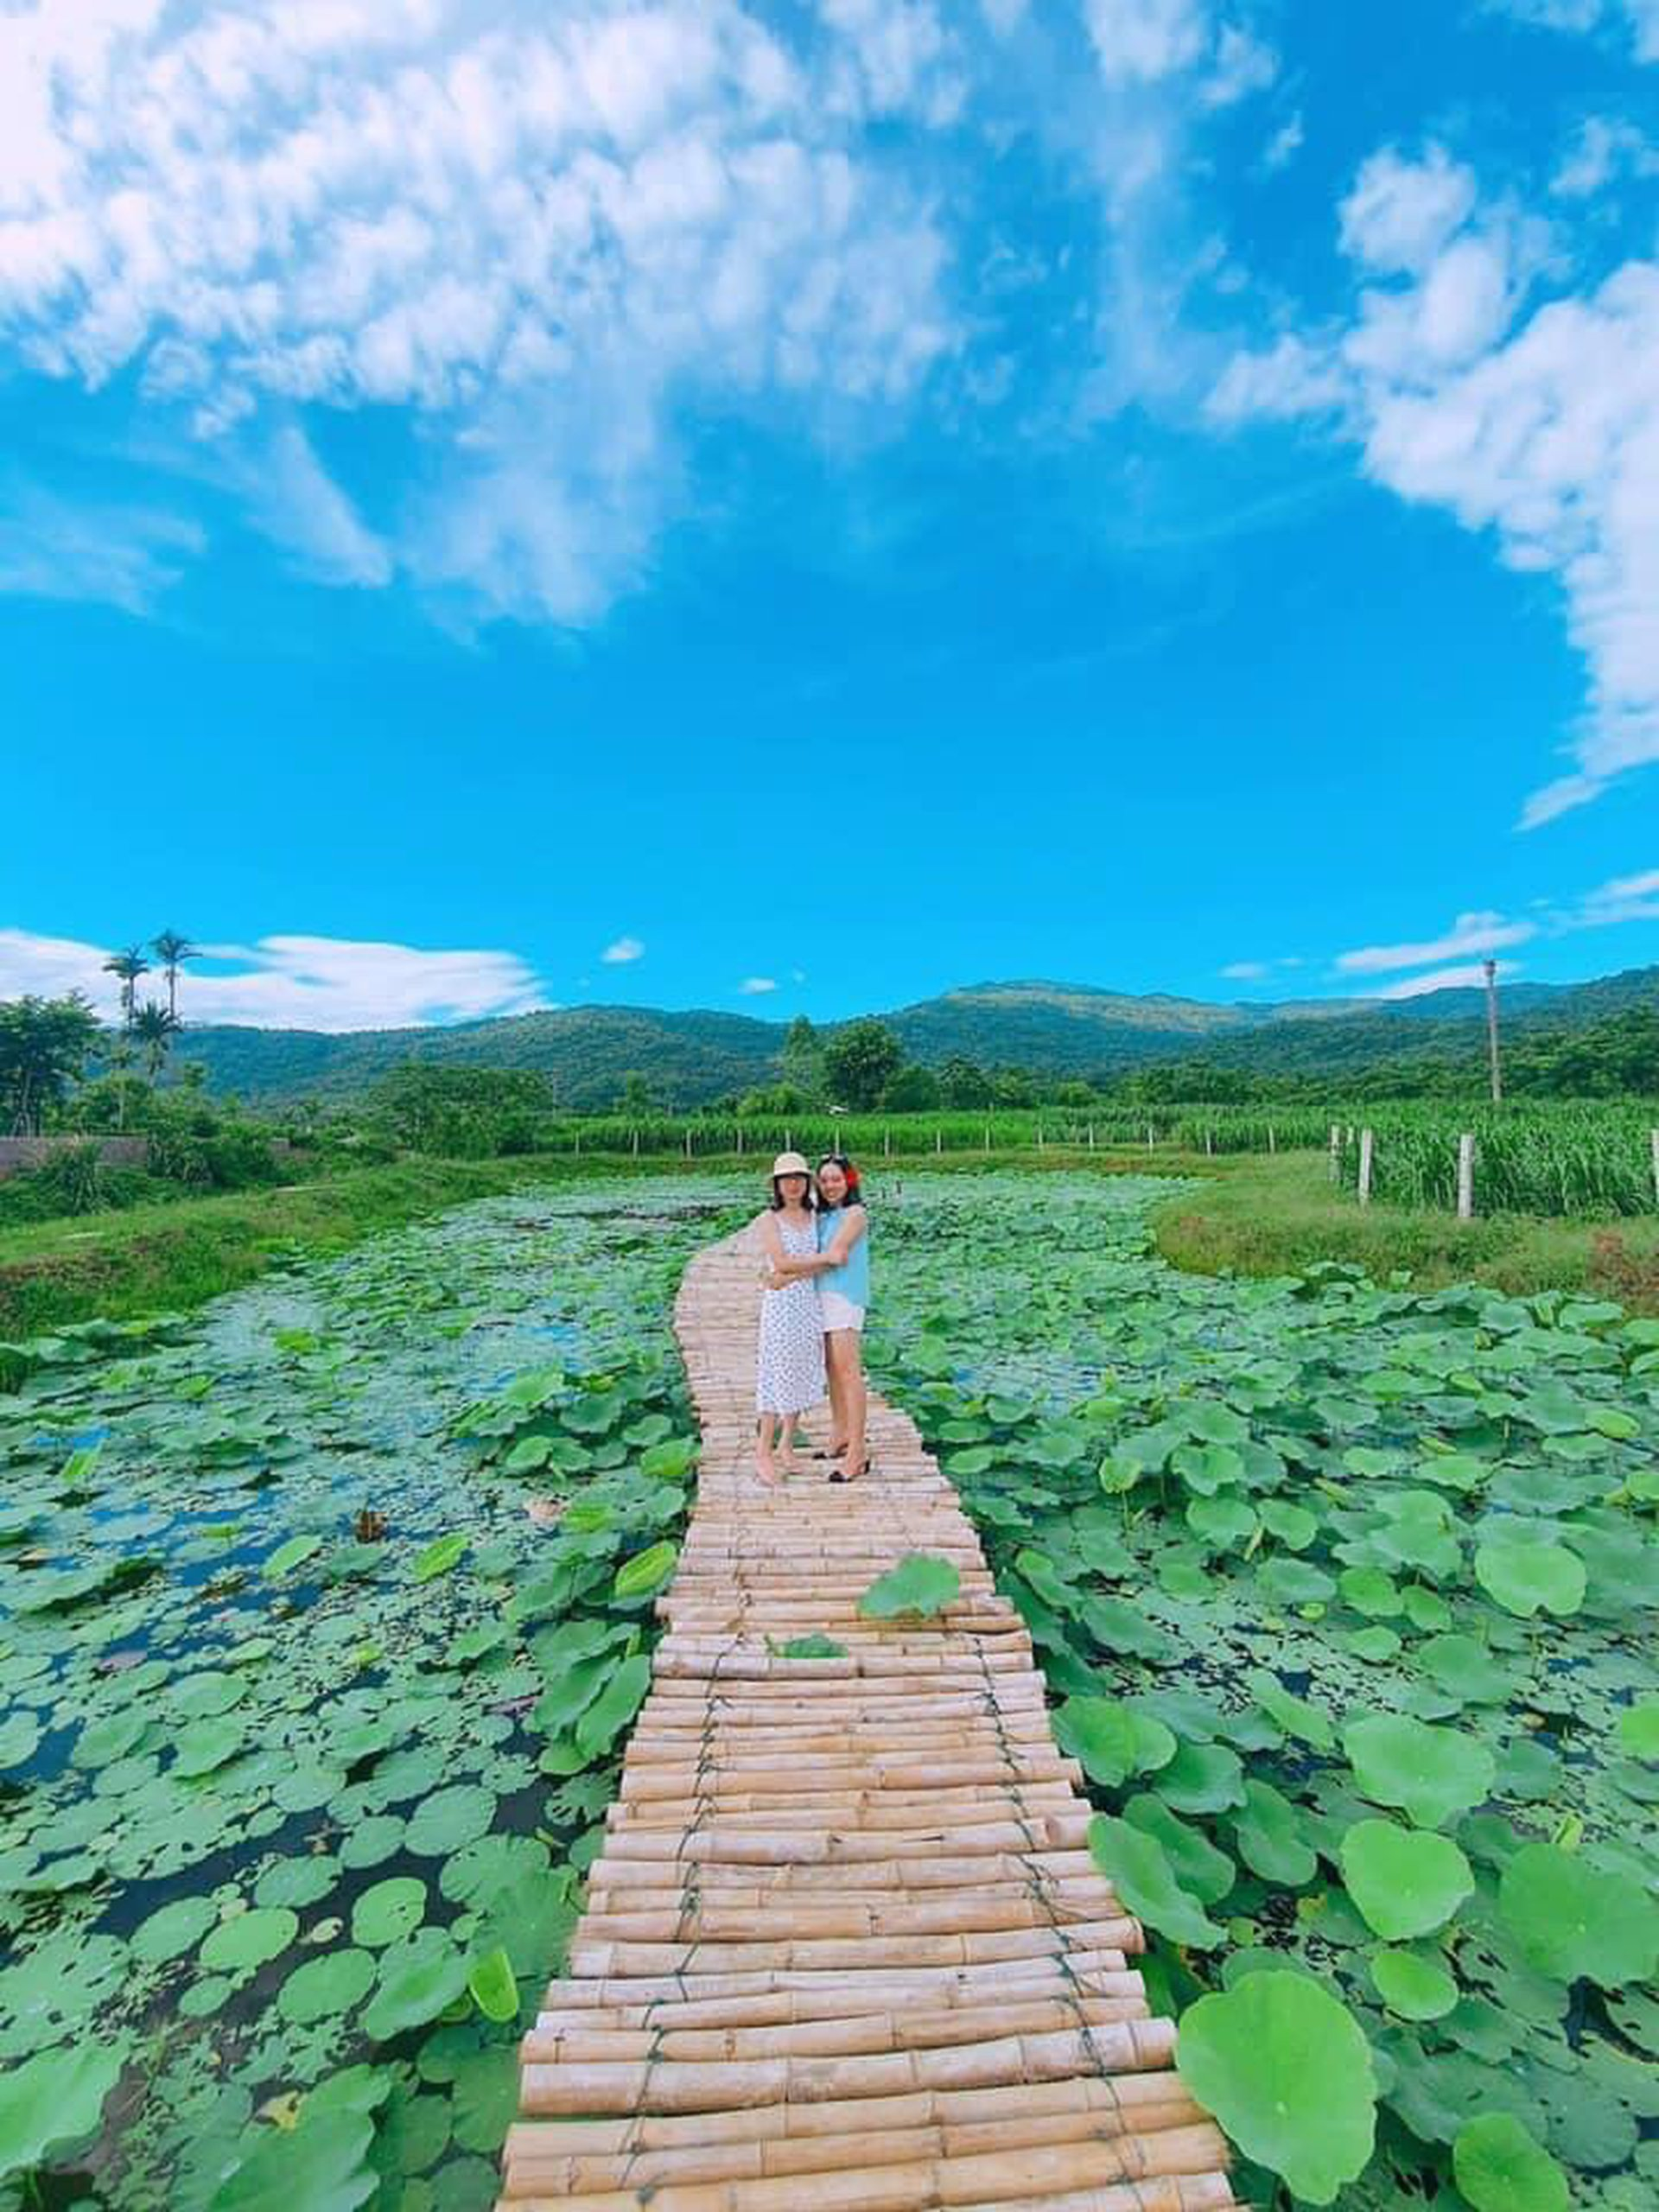 khong-gian-villa-2-le-farm-homestay-ba-vi-ha-noi-06